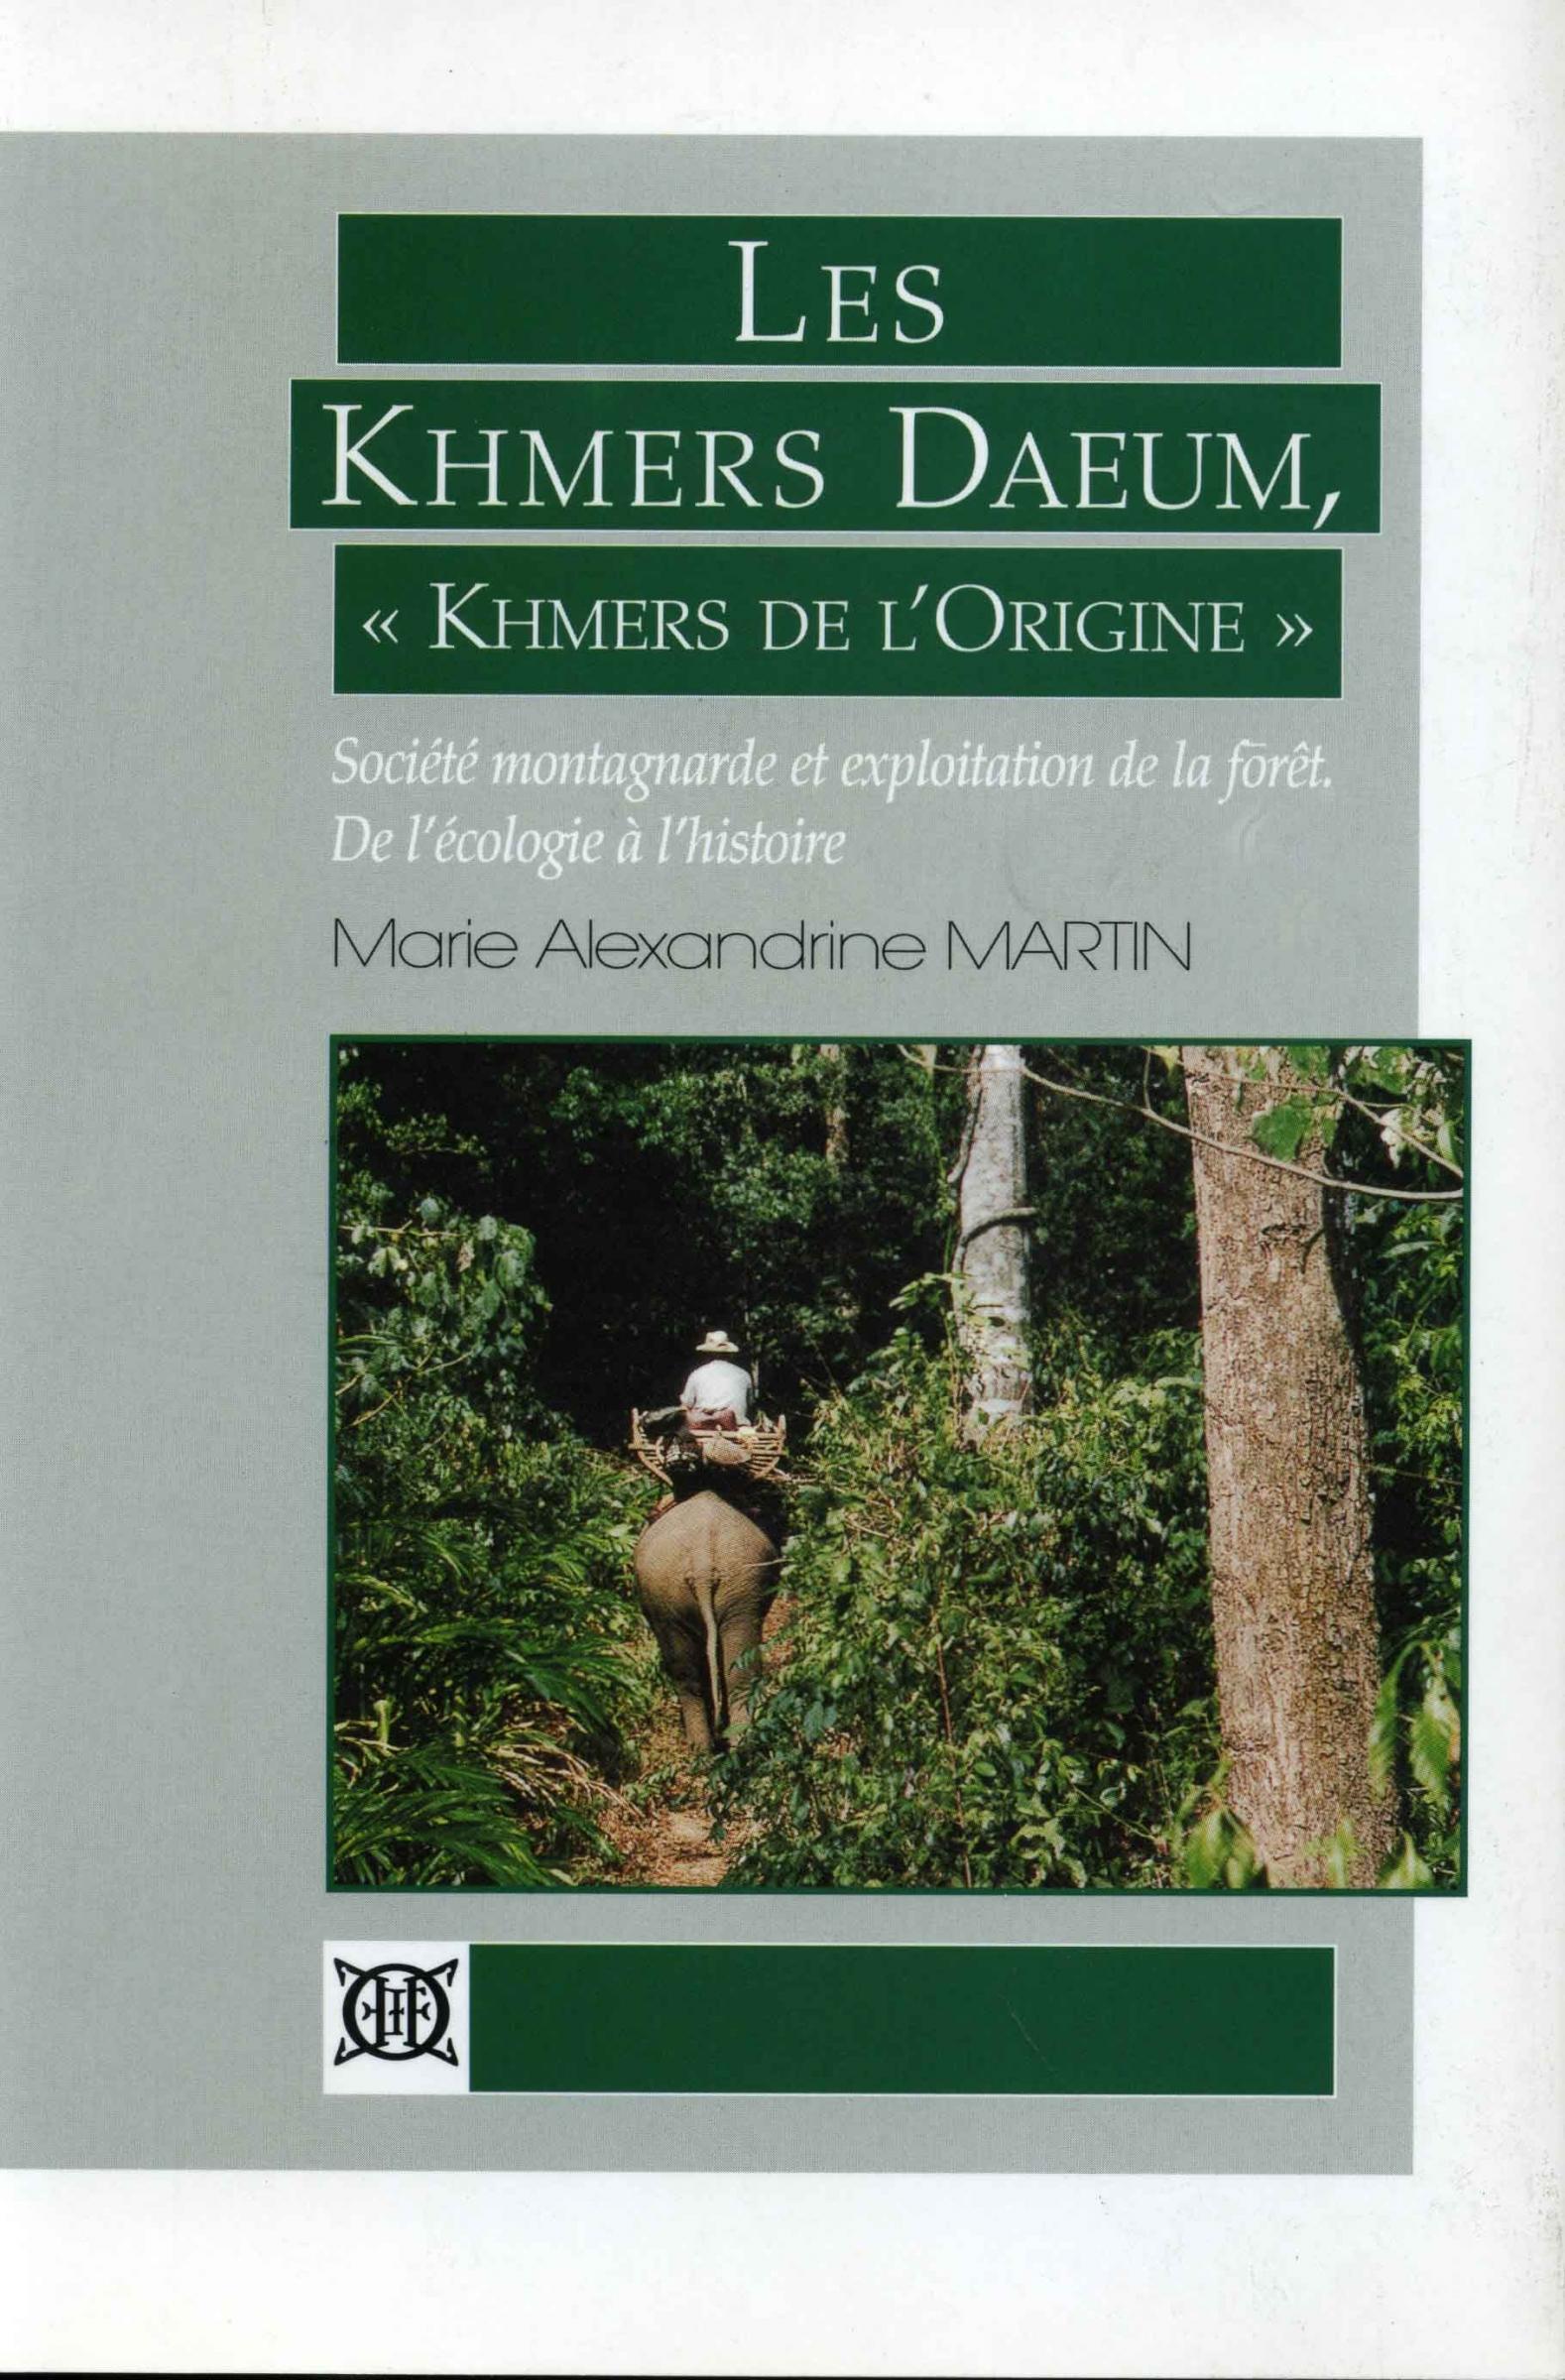 Les Khmers Daeum «Khmers de l'origine» : société montagnarde et exploitation de la forêt. De l'écologie à l'histoire